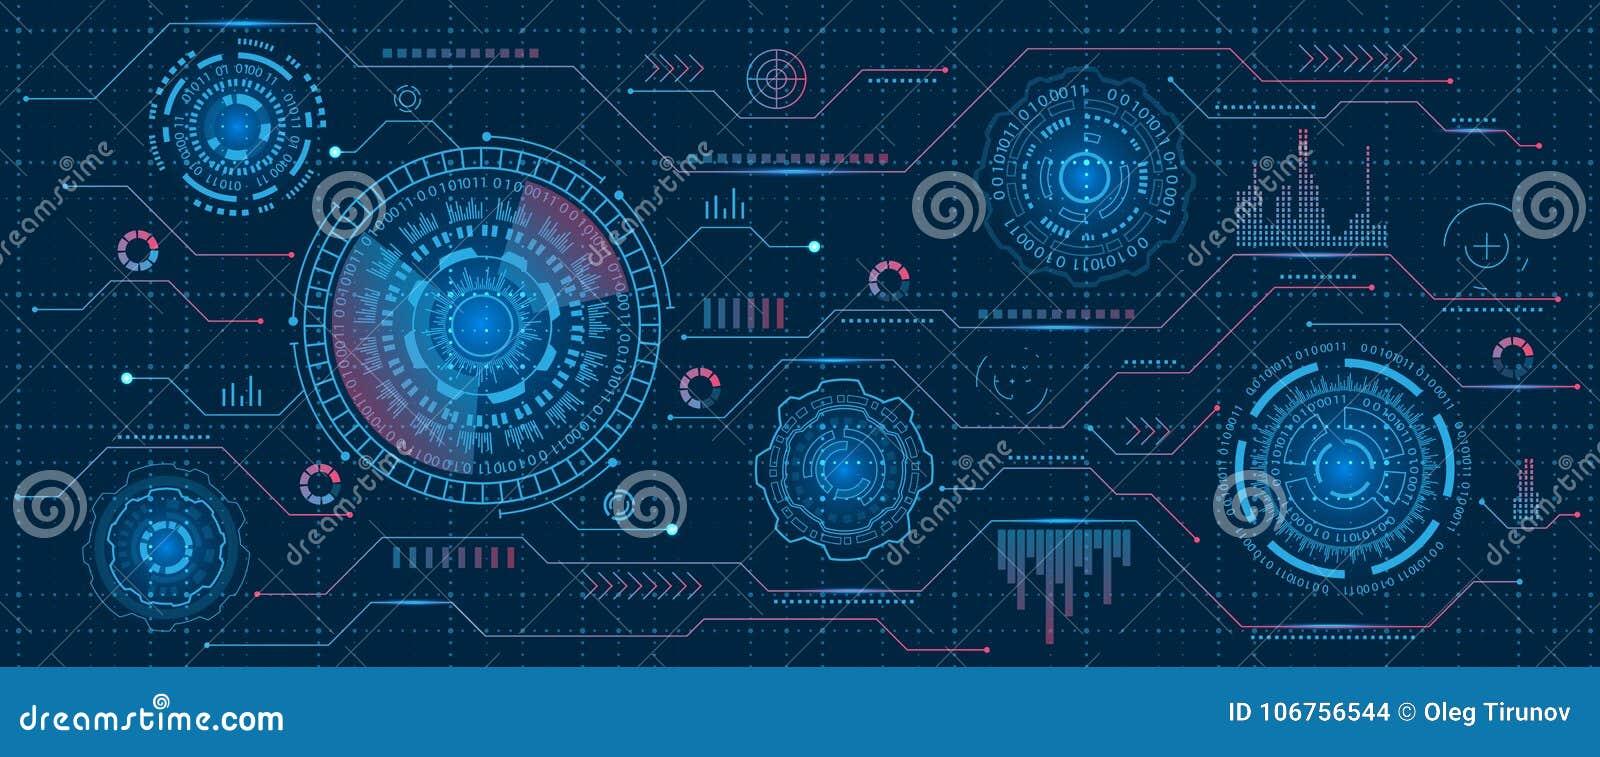 Futuristische Interface Hud Design, Infographic-Elementen, Technologie en Wetenschap, Analysethema, Malplaatje UI voor App en Vir